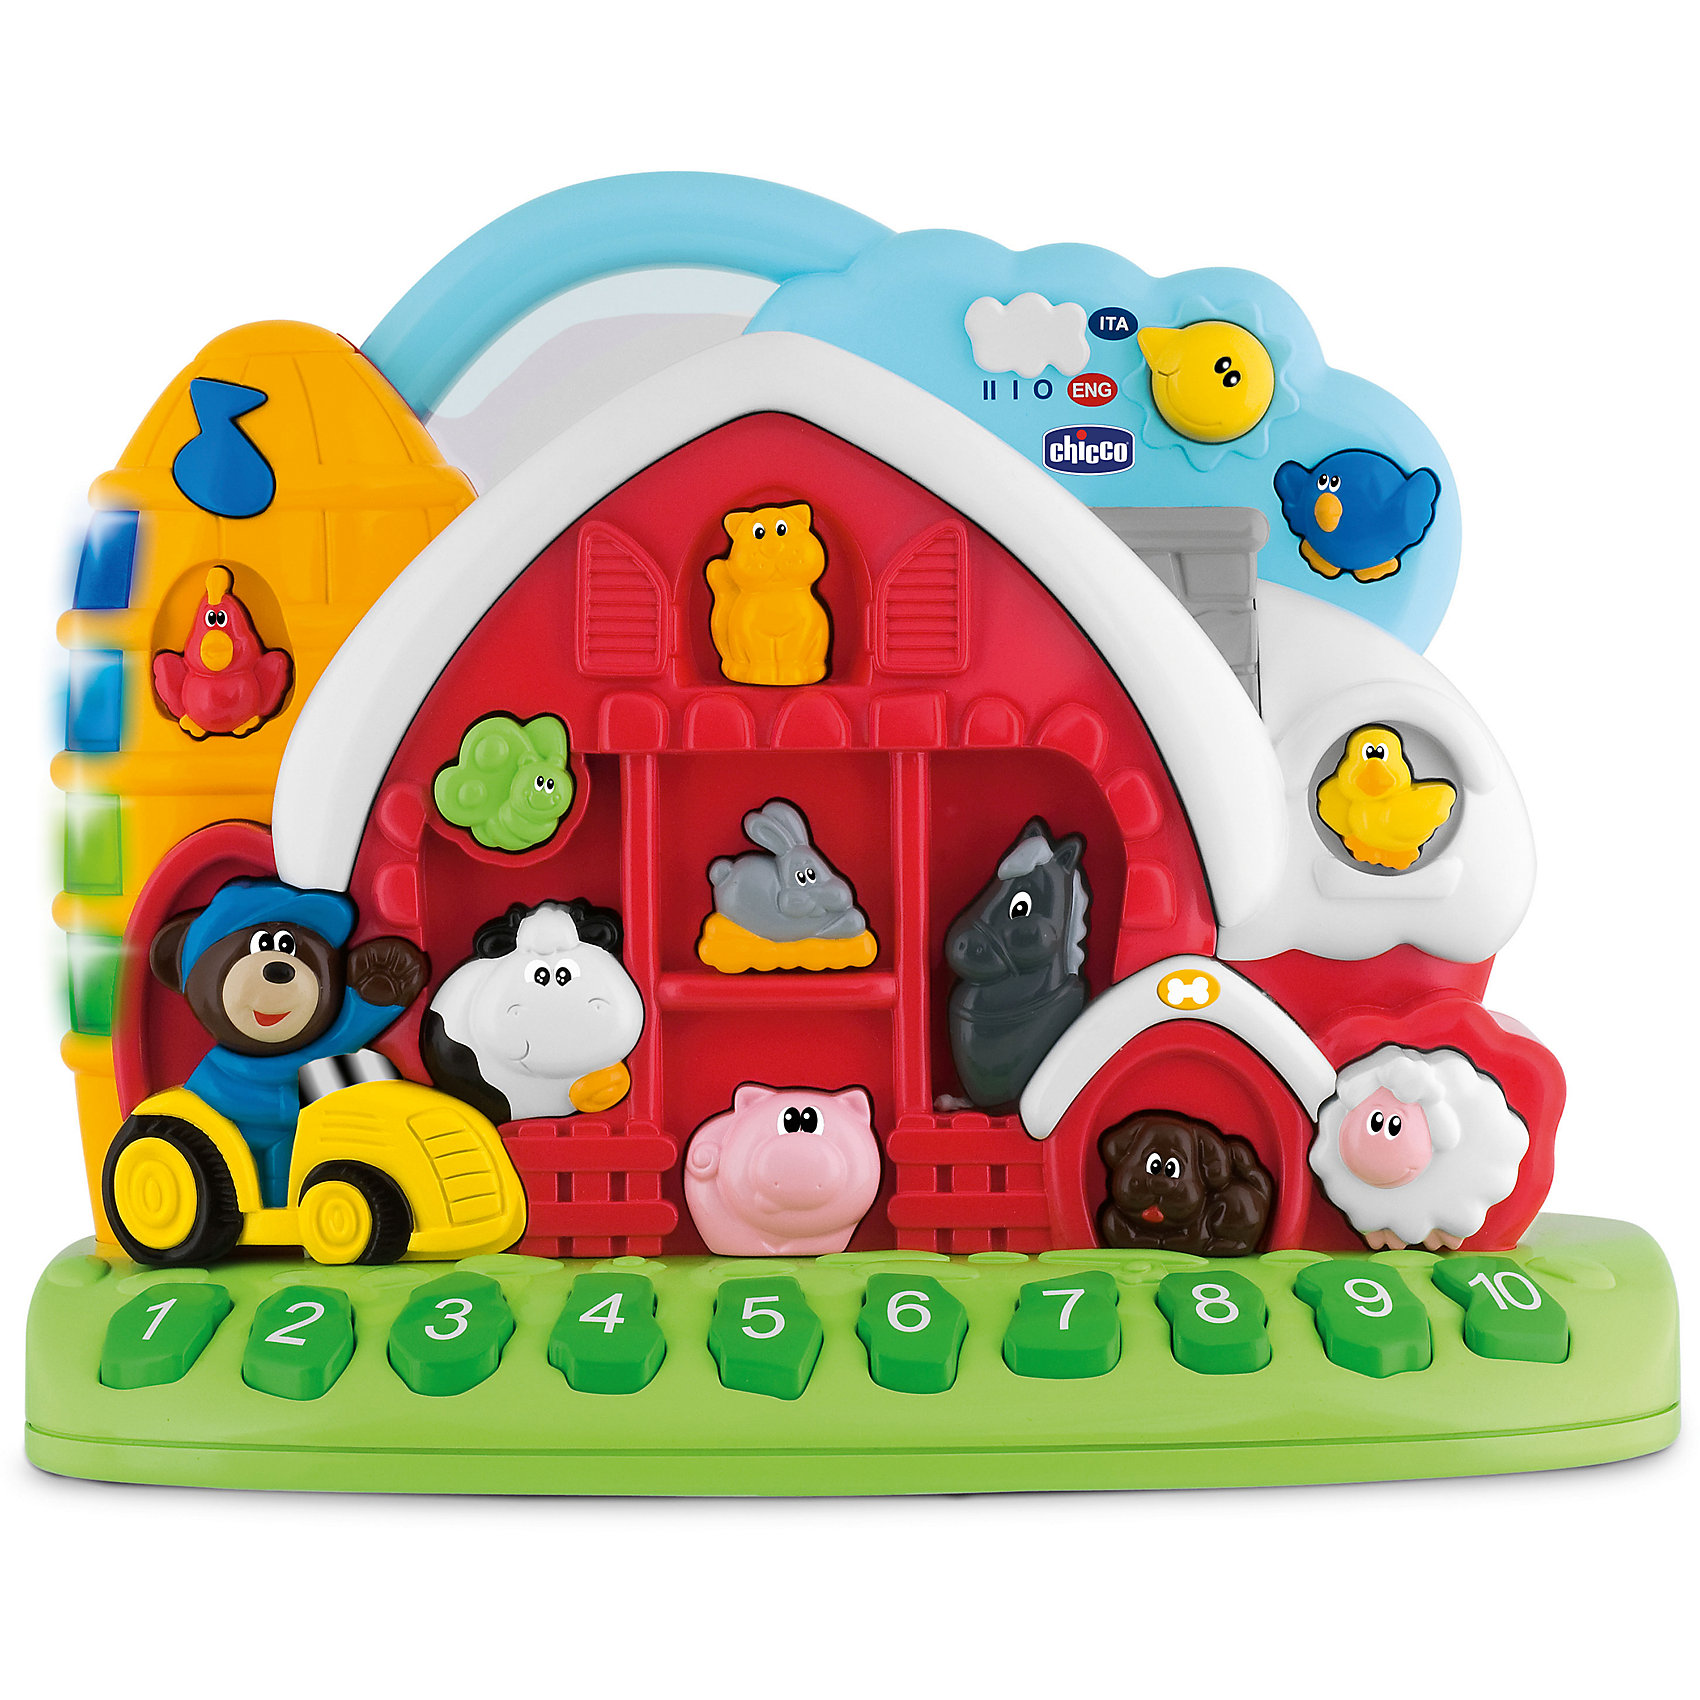 Игровой центр Говорящая ферма, Рус/Англ, ChiccoИгровой центр Говорящая ферма, Рус/Англ, Chicco (Чико) – это простой и веселый способ начать знакомство с английским языком. Игрушка научит узнавать названия разных животных, звуки, цифры и различные цвета, все это с помощью четырех игровых режимов. Постепенно ребенок сможет пробовать произносить слова, совершенствуя свои речевые навыки и память. Игрушка стимулирует воображение ребенка и способствует развитию лингвистических, ассоциативных и музыкальных навыков.<br><br>Характеристики:<br>-Все кнопки игрушки активируются, если нажать на котенка на чердаке – ребенку будут рассказаны цифры от 1 до 10 и описаны животные на ферме<br>-Кнопка мишка в синей кепке задает режим проверки знаний – ребенку задаются вопросы (например, по звуку найти животное на ферме)<br>-Игрушка работает в двух языковых режимах (русский/английский): чтобы переключится на другой язык, нужно повернуть переключатель в форме солнышка<br><br>Дополнительная информация:<br>-Размеры: 15х29х26 см<br>-Вес: 1,3 кг<br>-Материалы: пластик <br>-Батарейки: 2хАА по 1,5V (входят в комплект)<br><br>«Говорящая ферма» с животными – это простой и веселый способ начать знакомство с иностранным языком, разучивая названия животных, звуки, цвета и цифры.<br><br>Игровой центр Говорящая ферма, Рус/Англ, Chicco (Чико) можно купить в нашем магазине.<br><br>Ширина мм: 335<br>Глубина мм: 155<br>Высота мм: 286<br>Вес г: 1536<br>Возраст от месяцев: 12<br>Возраст до месяцев: 36<br>Пол: Унисекс<br>Возраст: Детский<br>SKU: 4123467